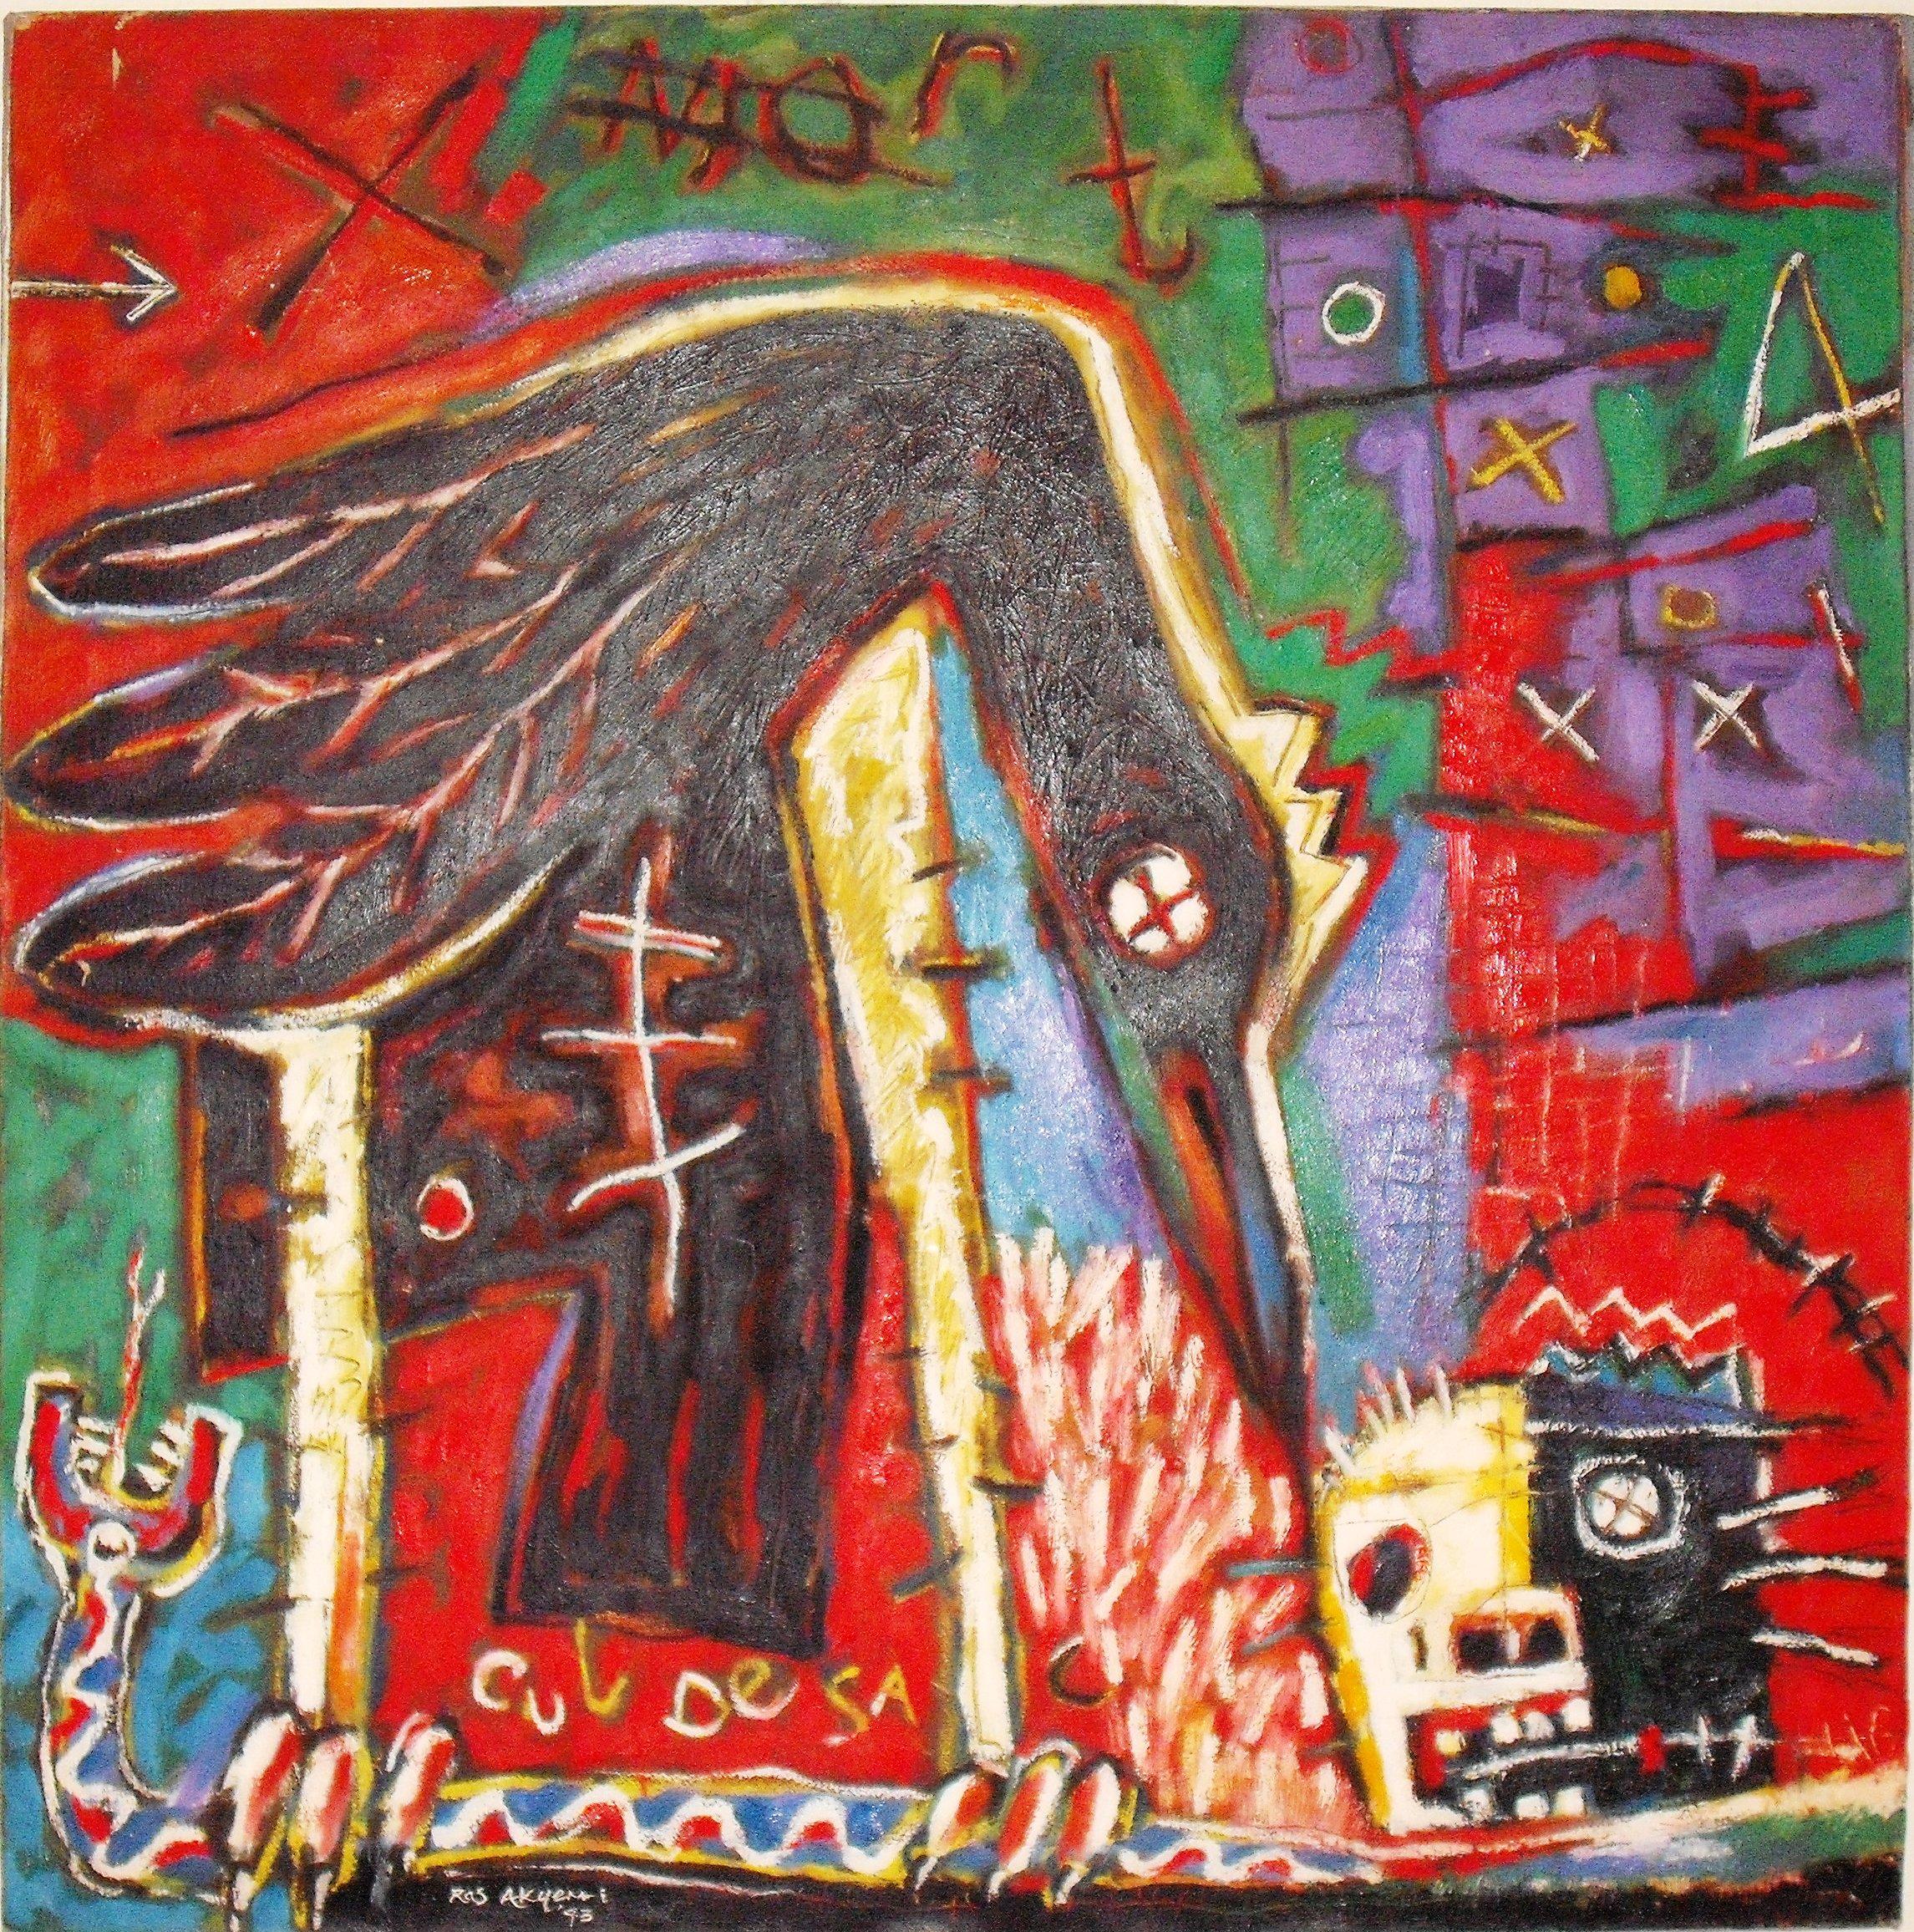 Ras Akyem I Ramsay (Barbados) - Blakk Bird